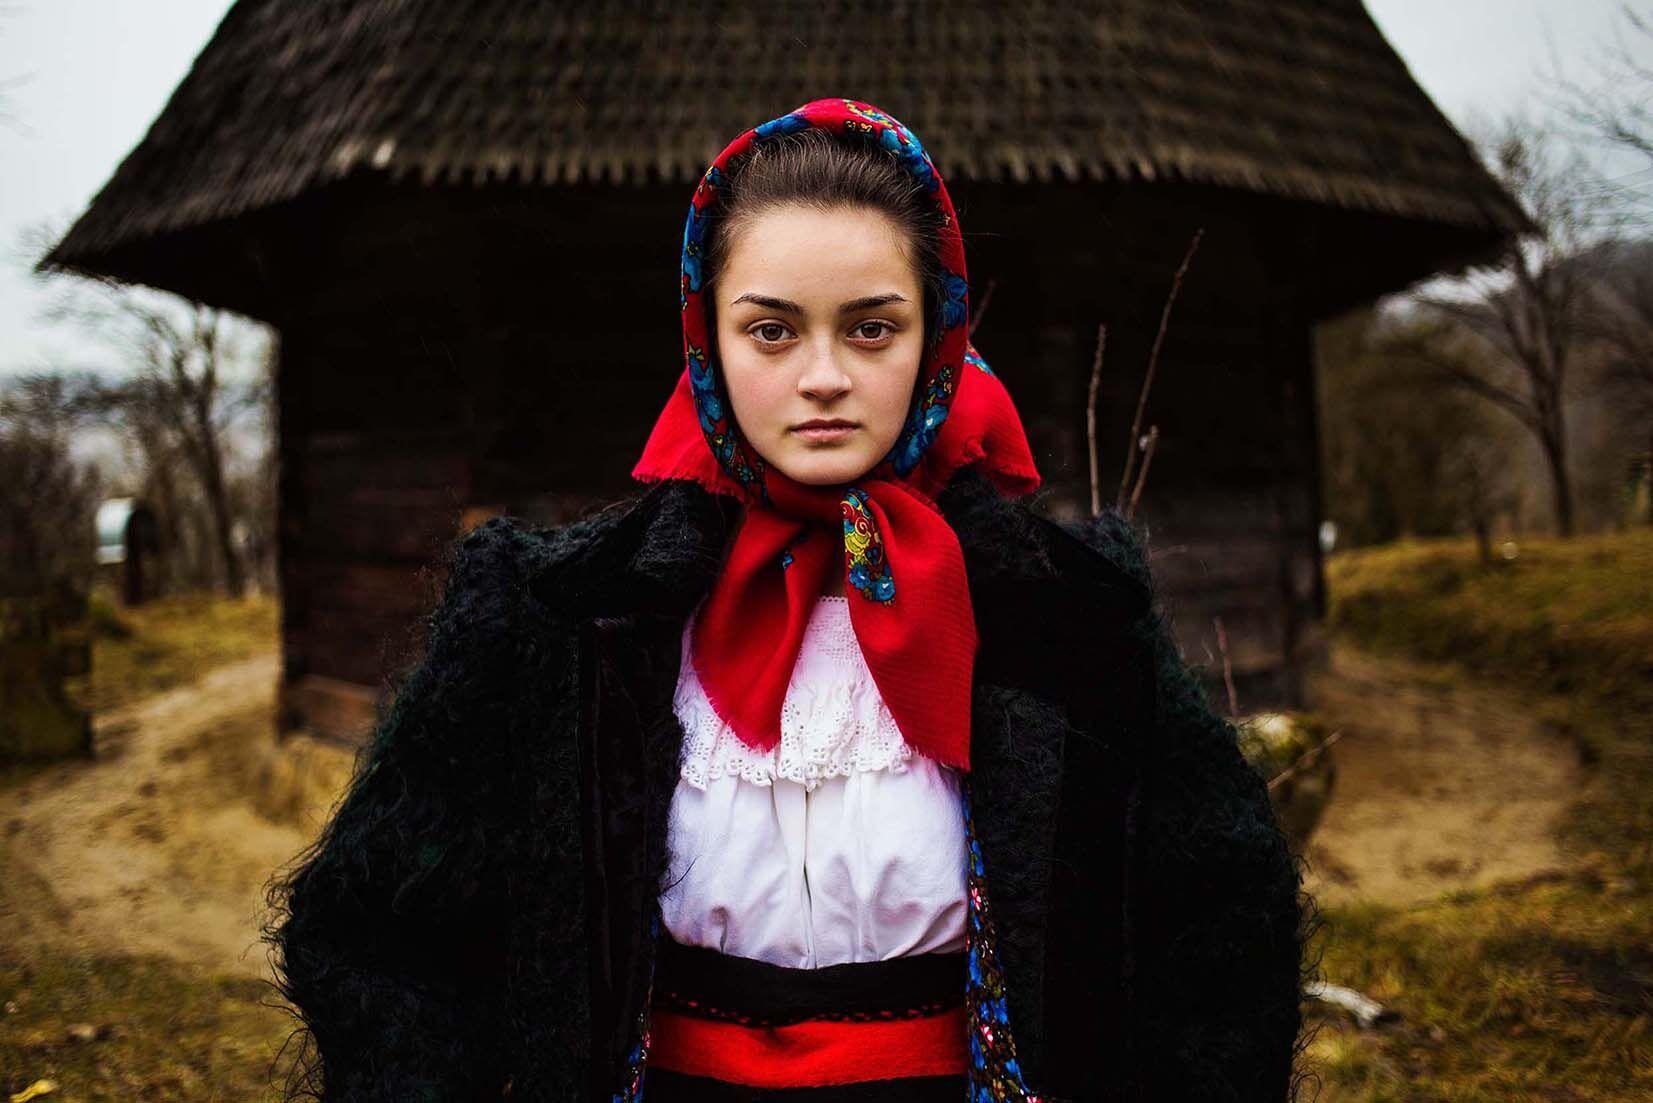 Romania, Maramures